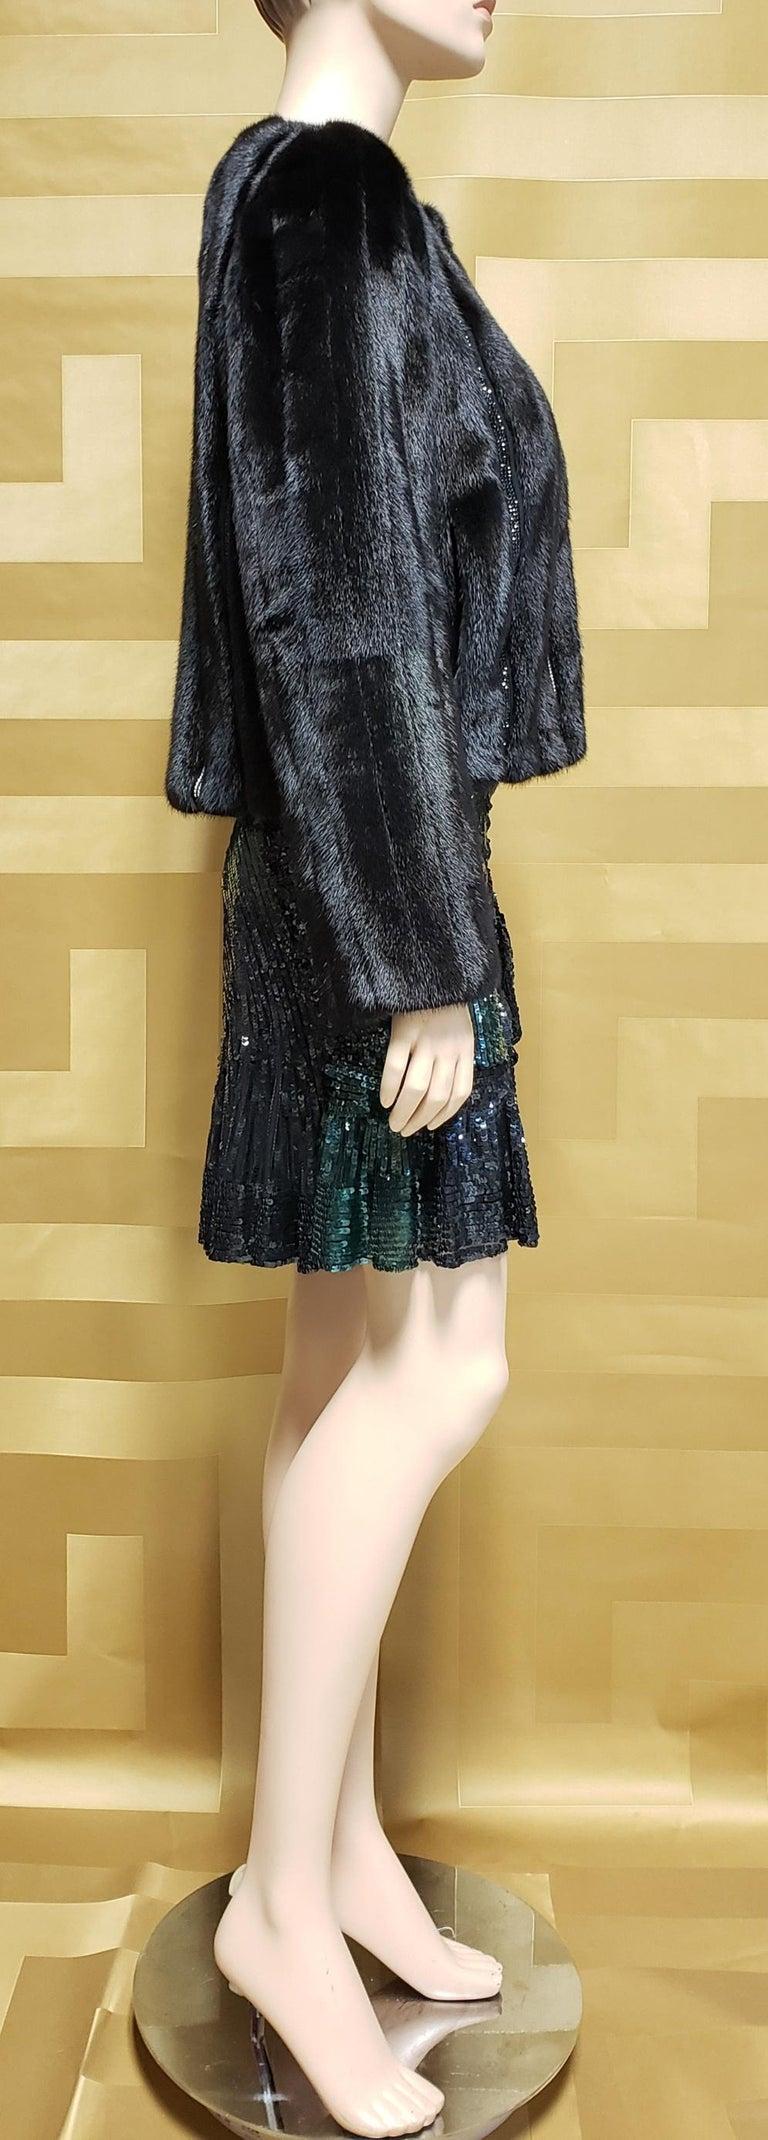 New Versace Crystal Embellished Black Mink Fur Jacket 44 - 8 For Sale 5